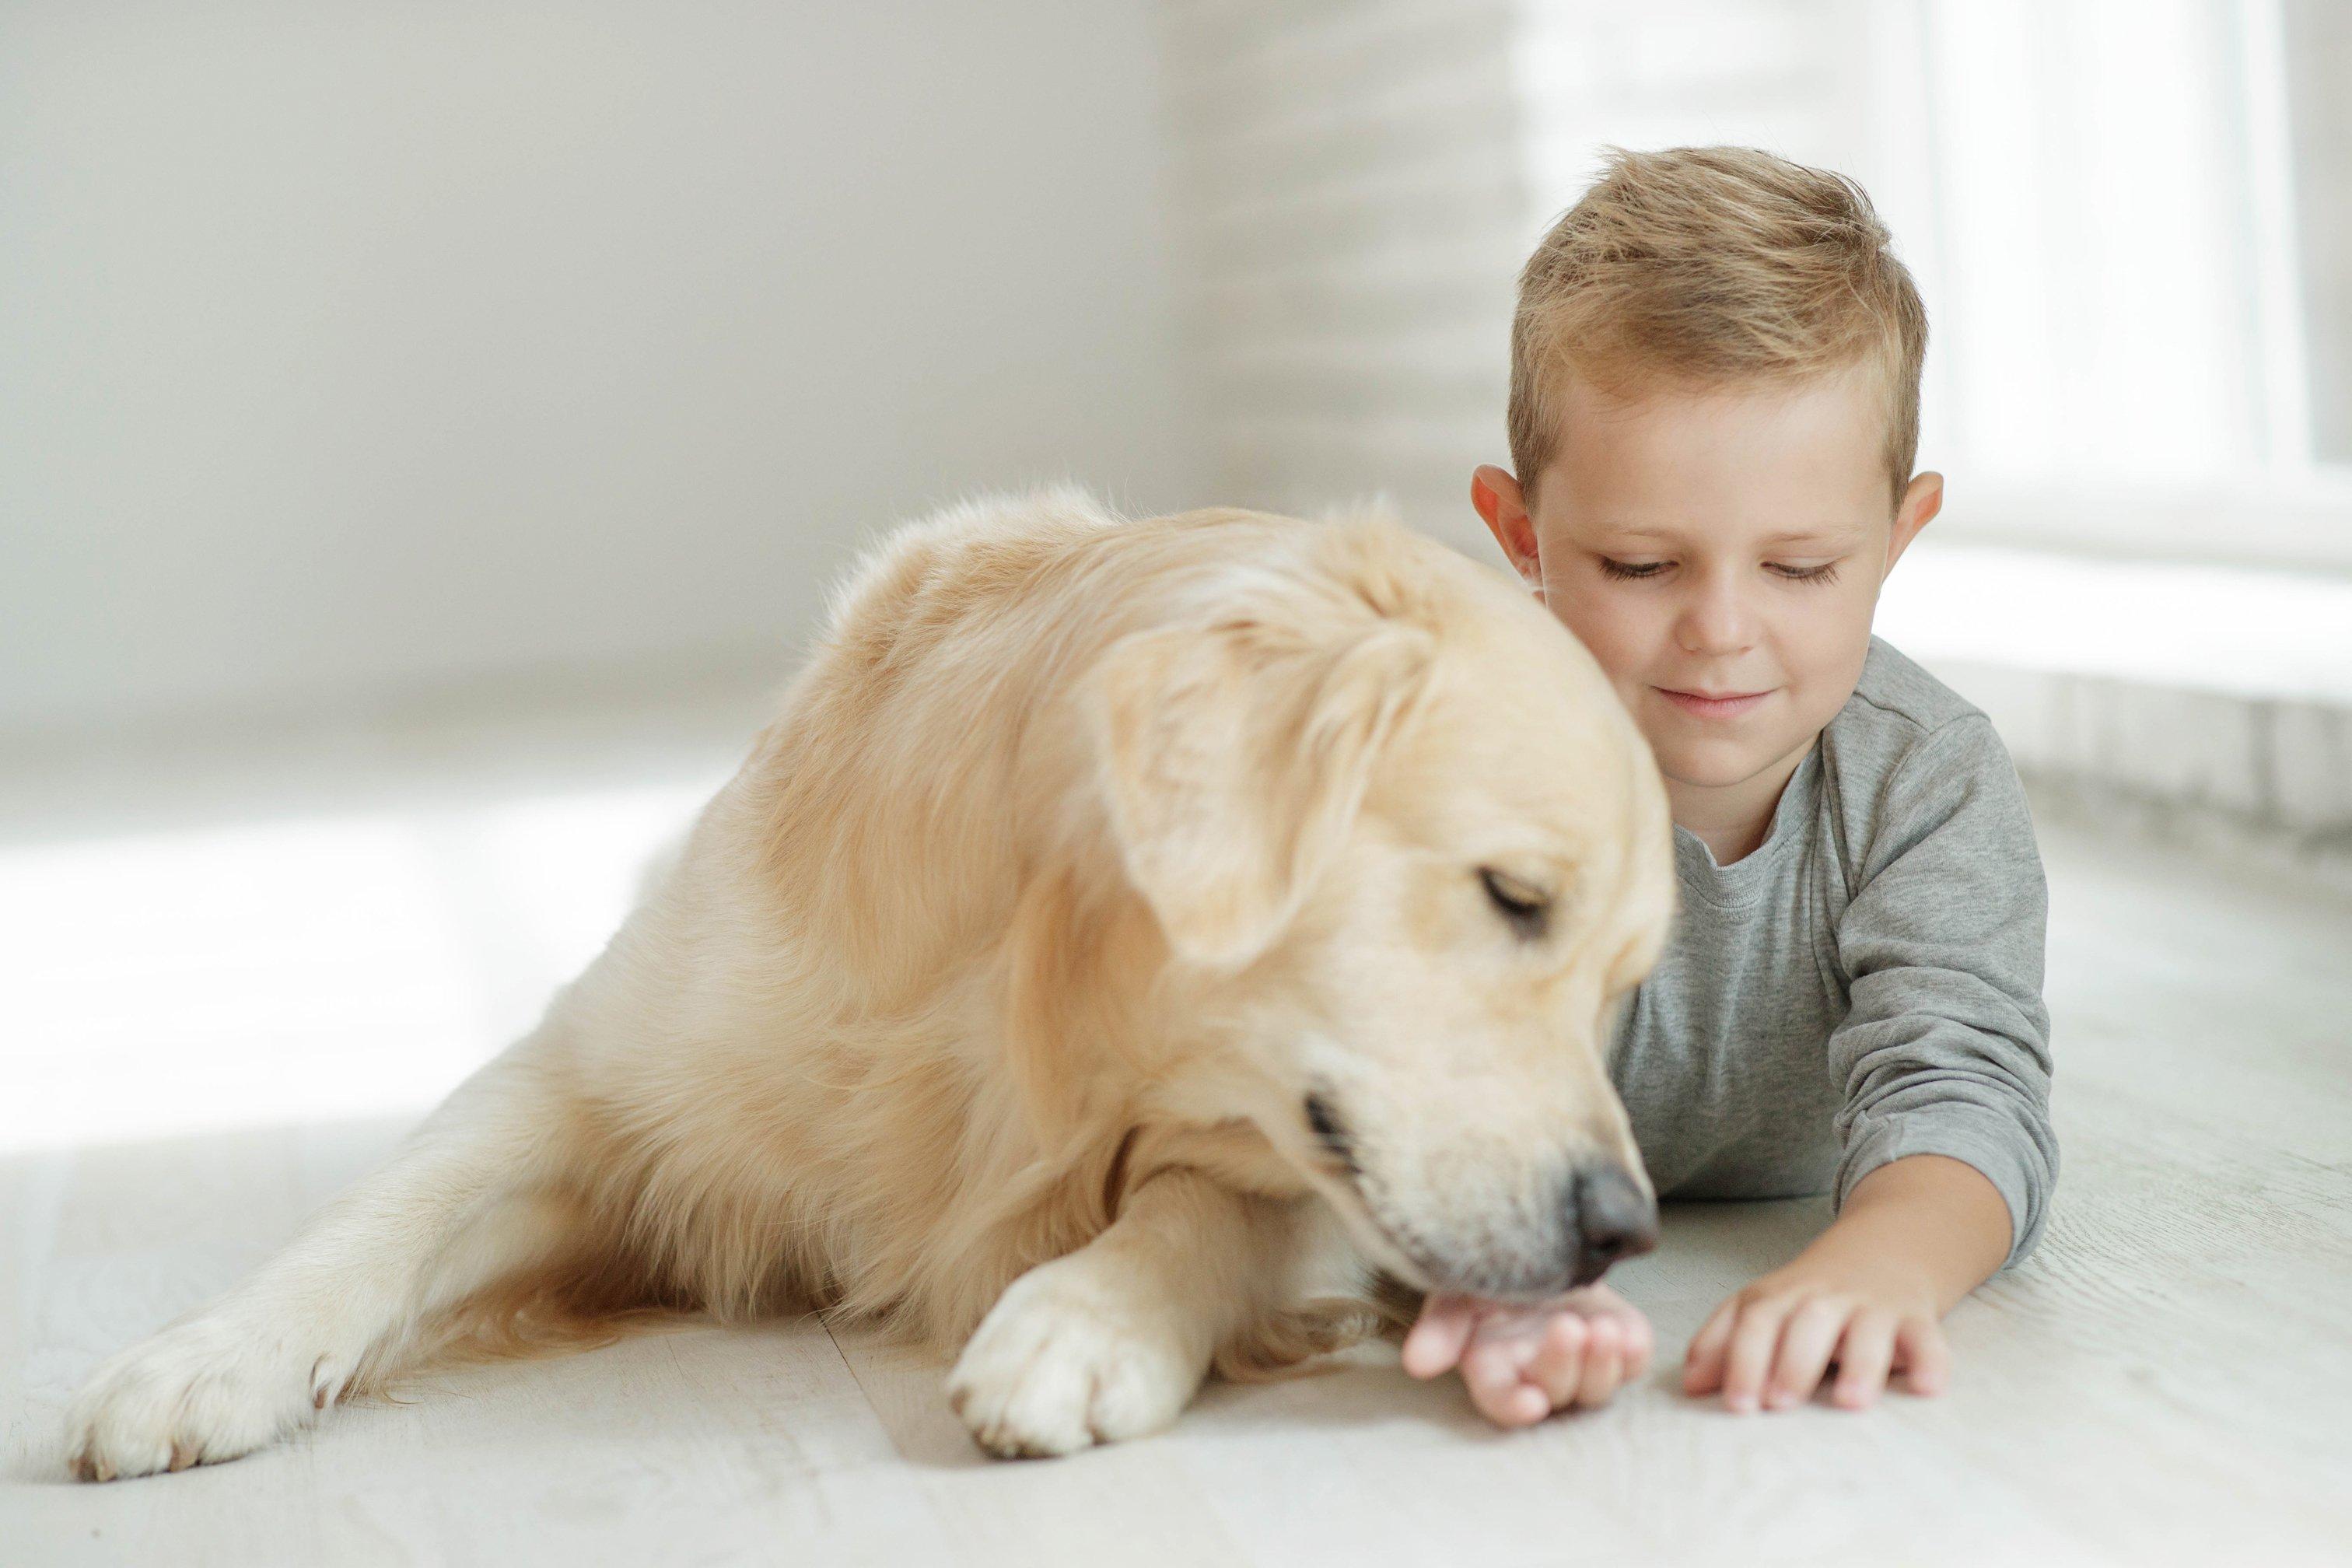 Niño con su perro. || Fuente: Shutterstock